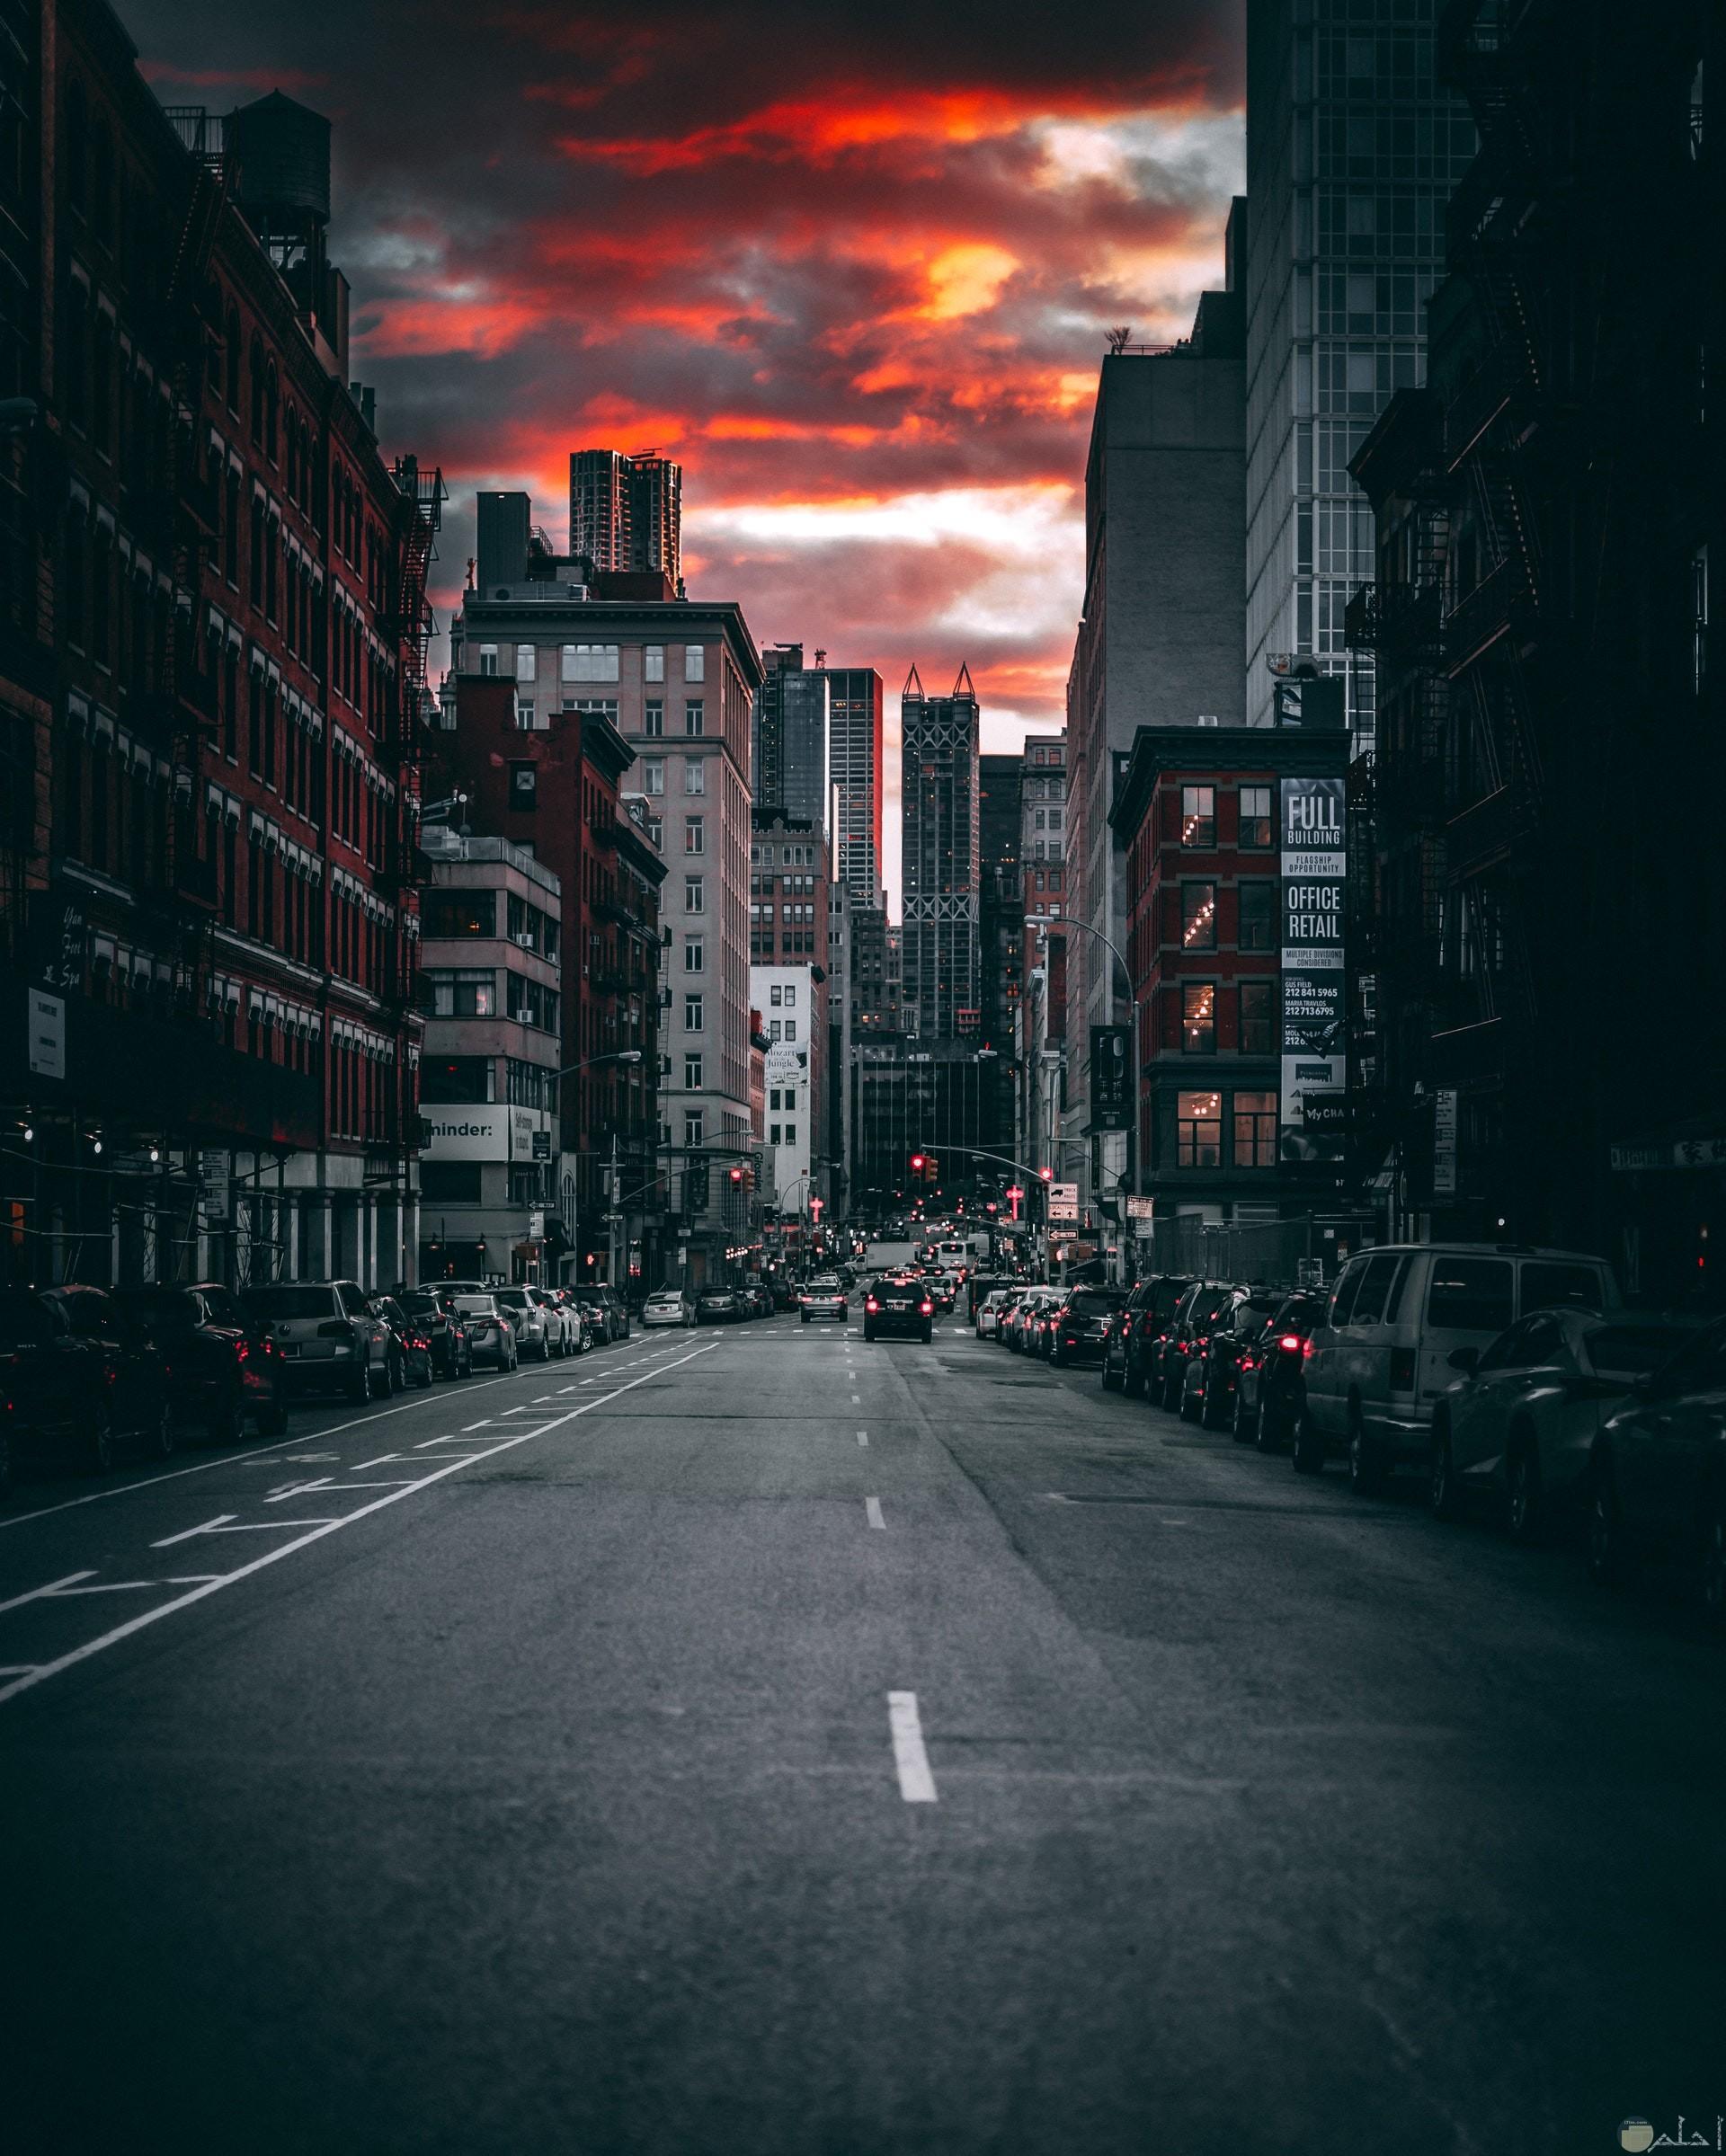 صورة جميلة ومميزة لشارع به مباني وسيارات وقت الغروب